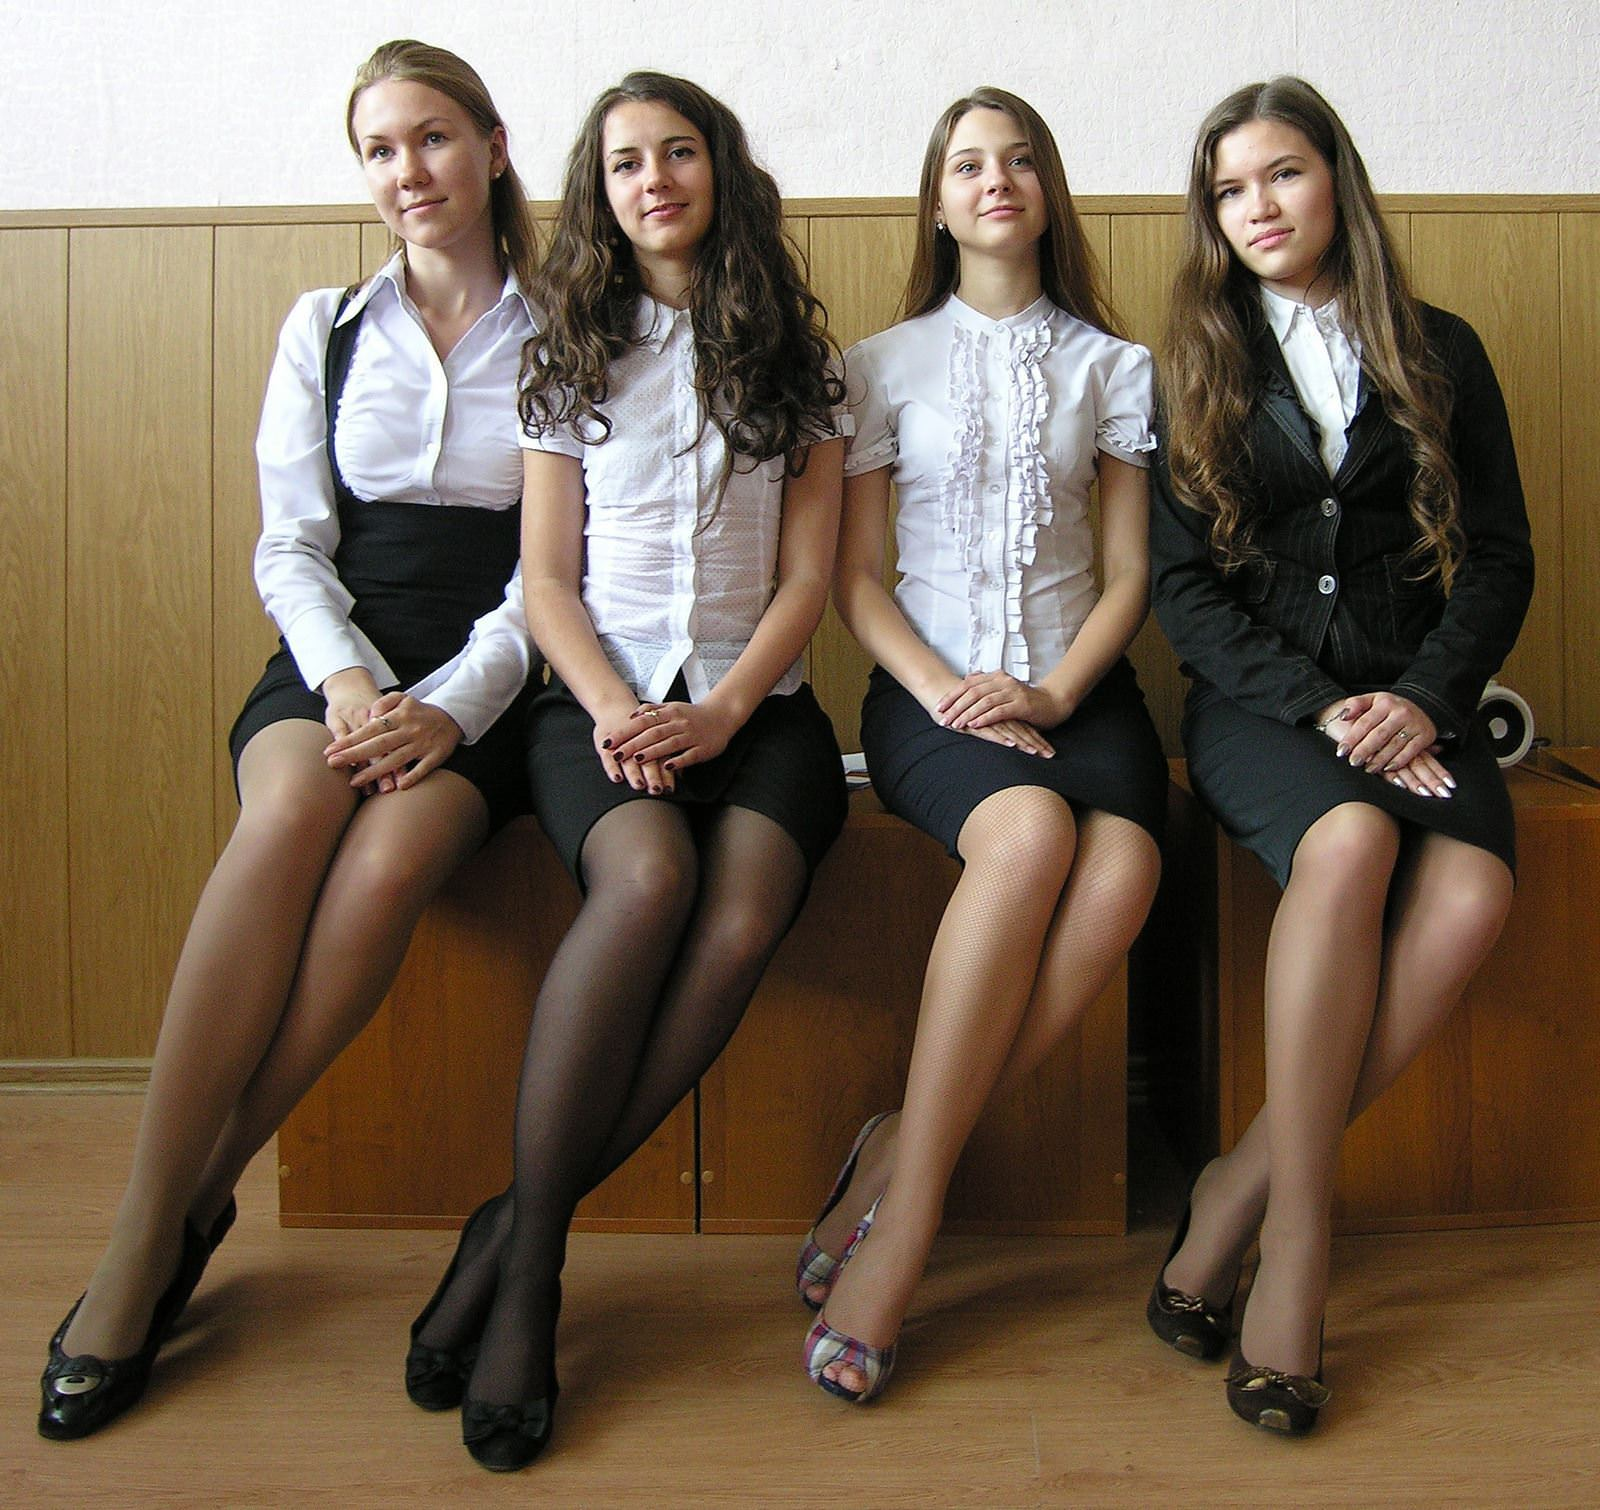 【外人】ロシア人の学生たちがめっちゃ可愛くて大人っぽい制服ポルノ画像 4227